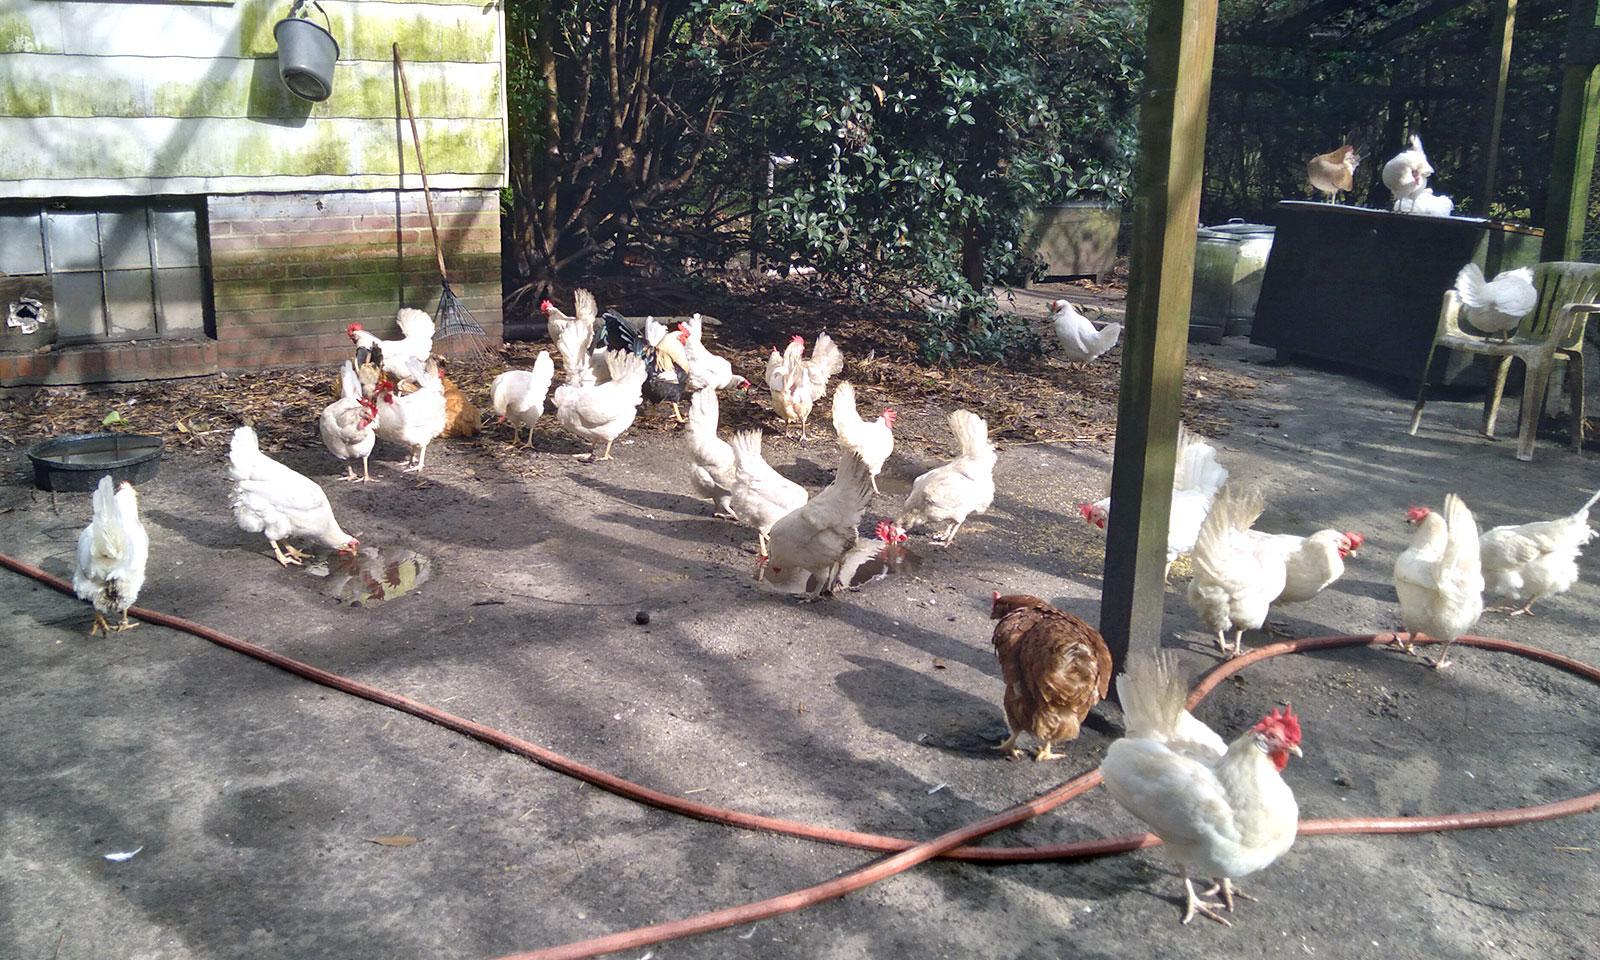 Hens near the house